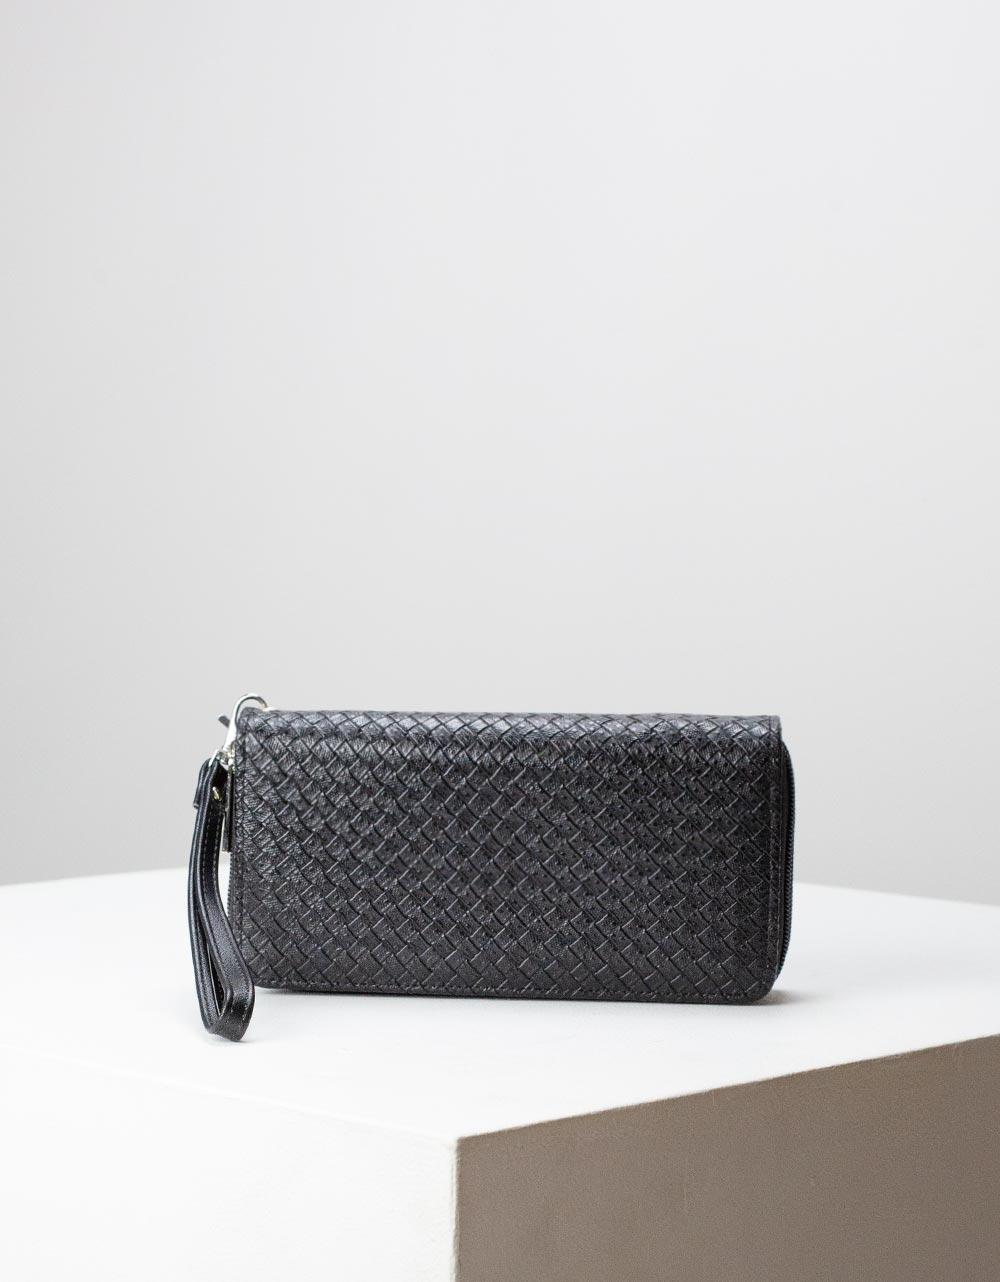 Εικόνα από Γυναικεία πορτοφόλια με ανάγλυφο pattern Μαύρο